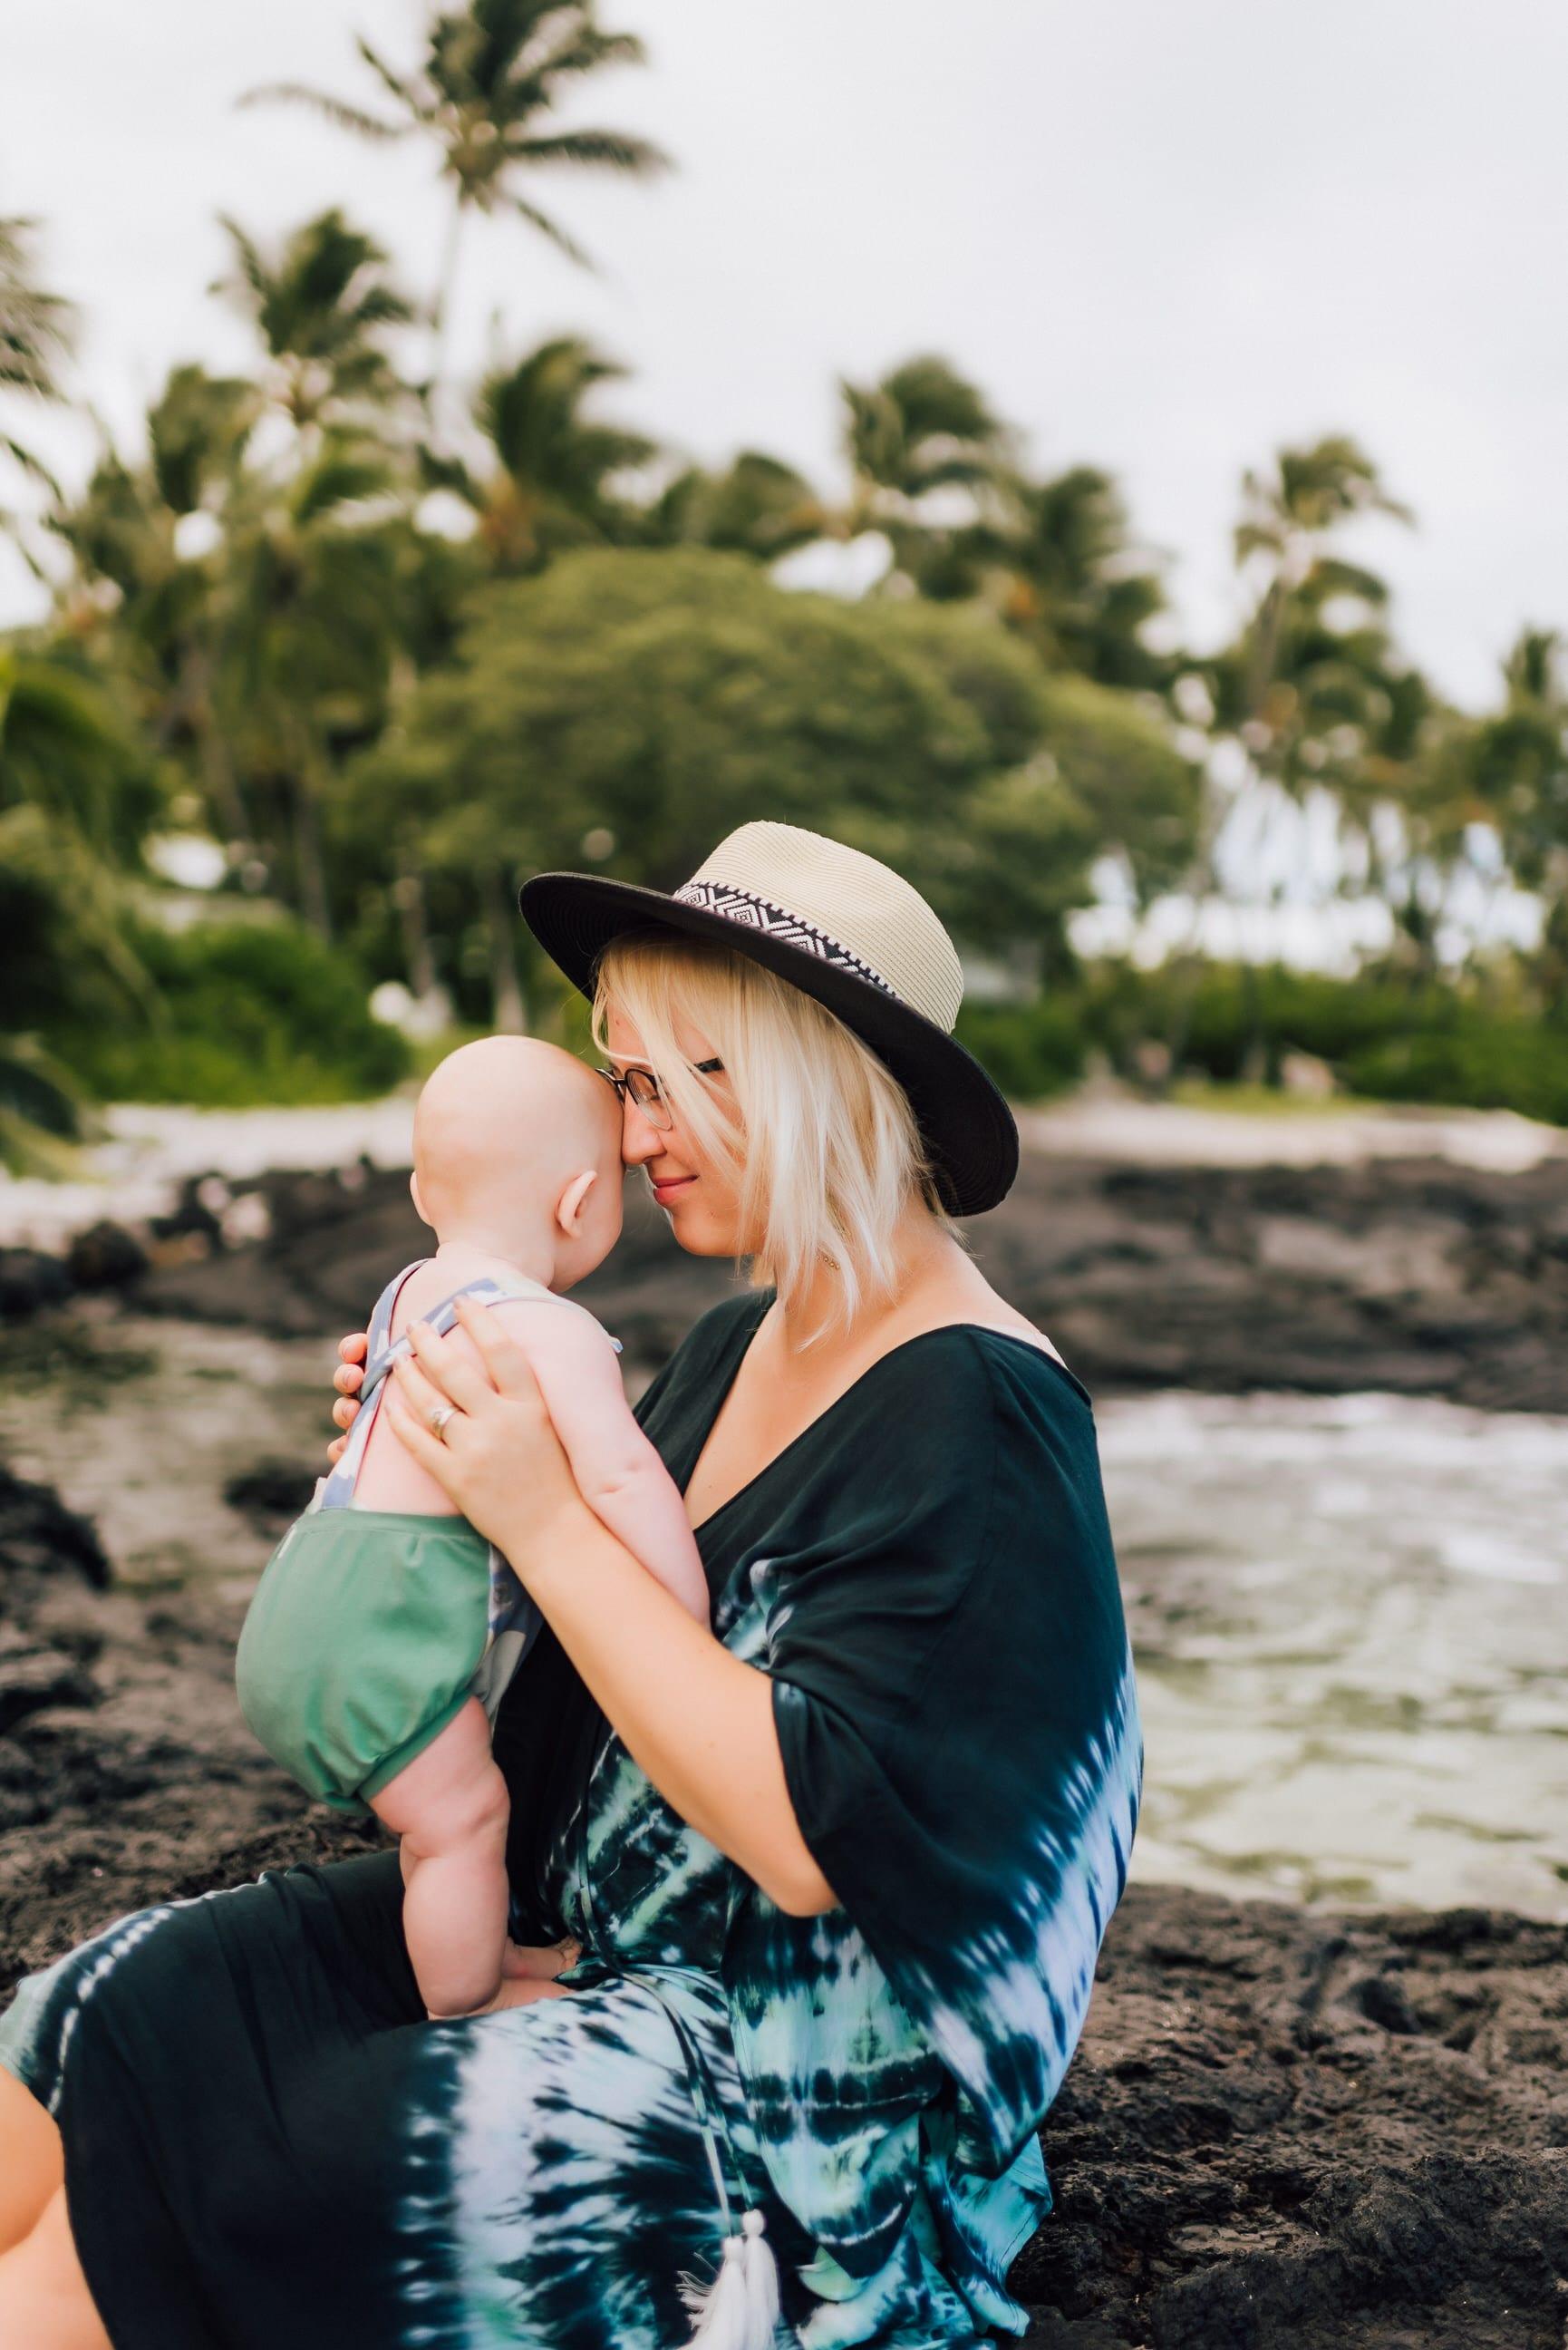 Hawaii-Family-Photographer-3.jpg